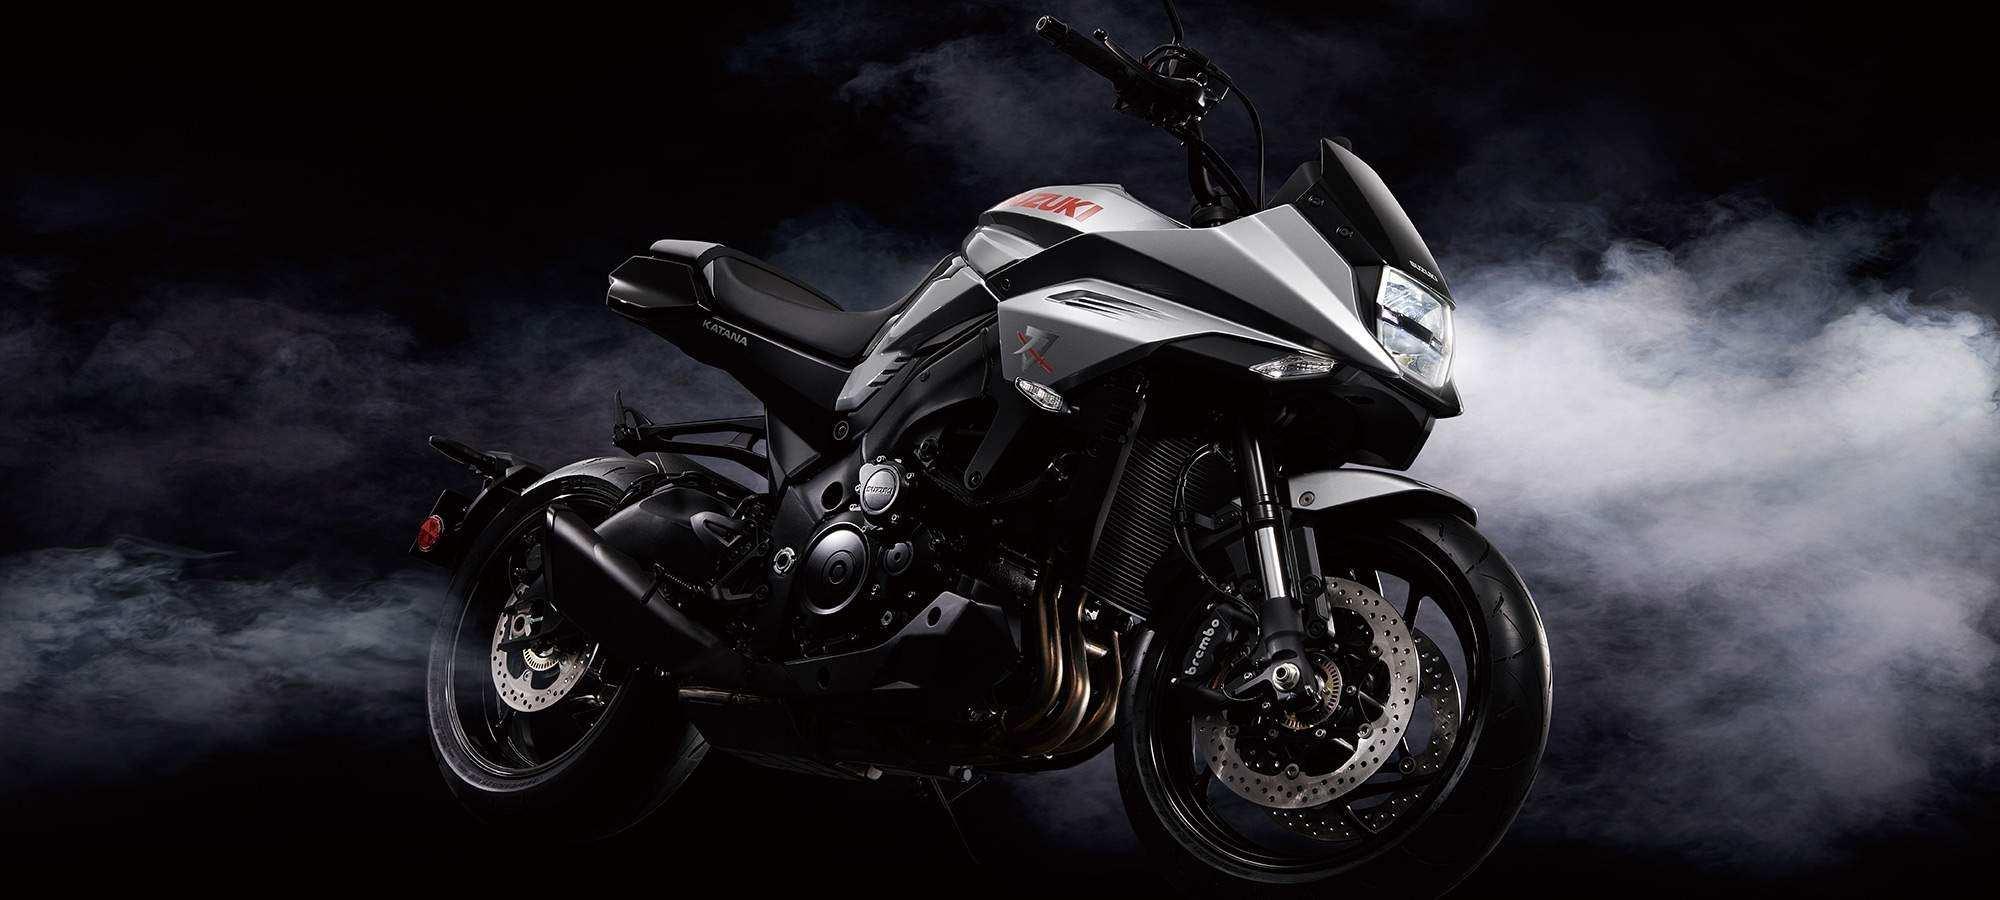 74 Best Review 2020 Suzuki New Review with 2020 Suzuki